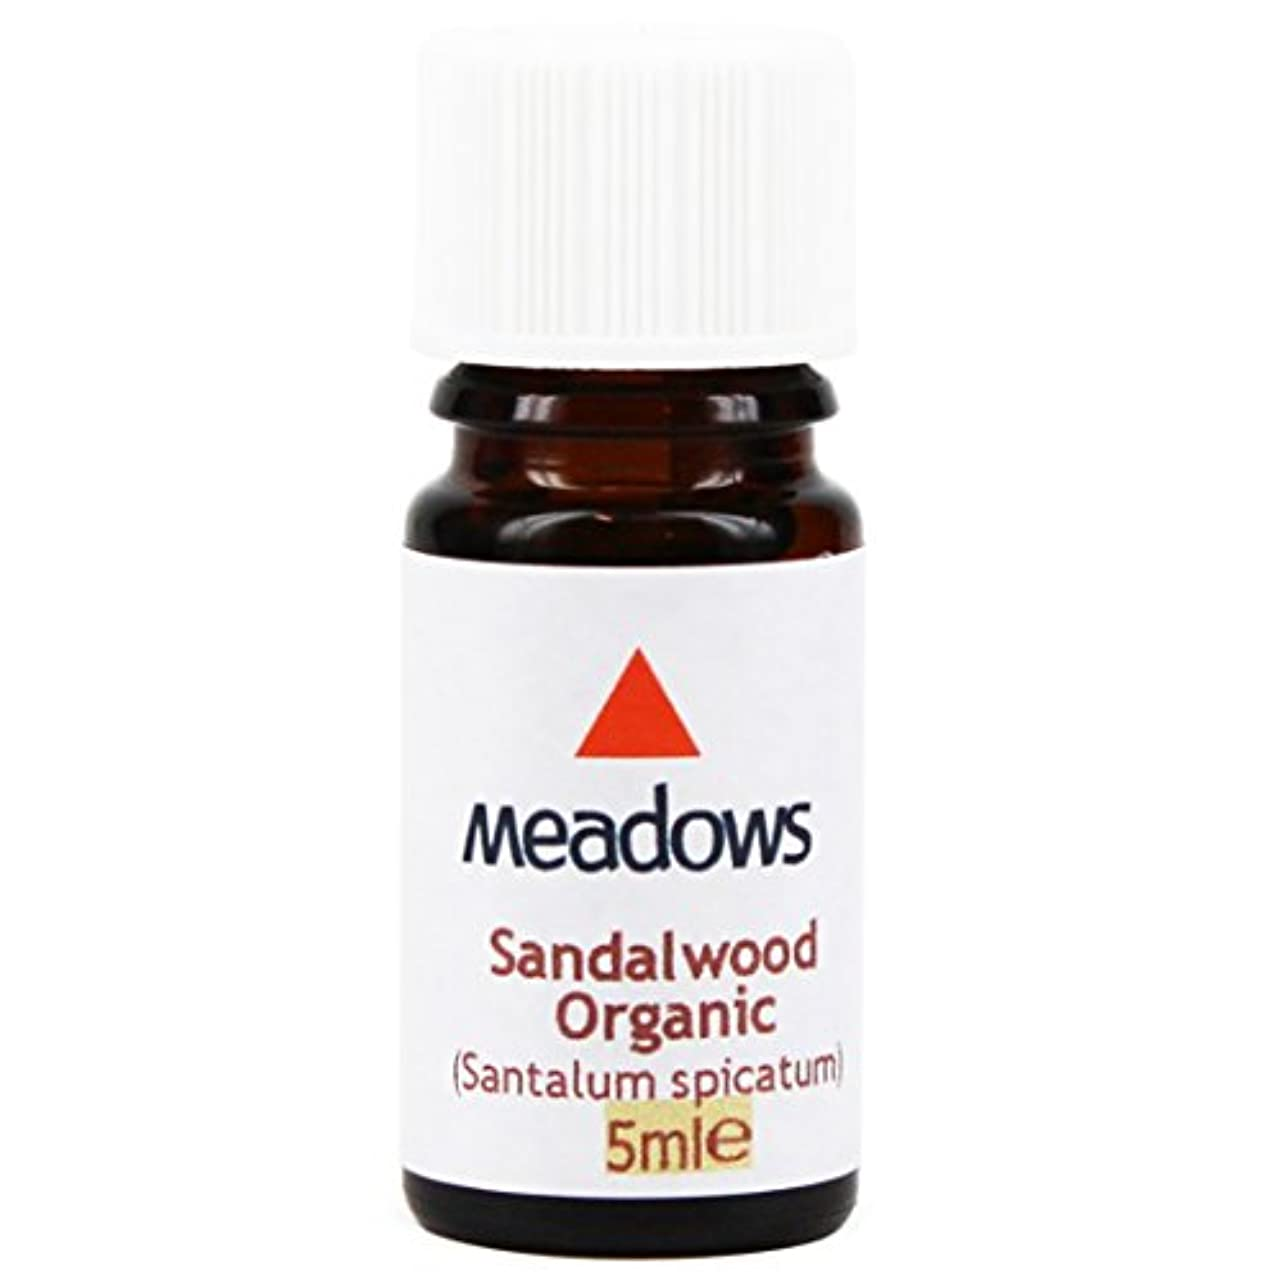 小麦粉辞任する組み合わせメドウズ エッセンシャルオイル サンダルウッド 5ml